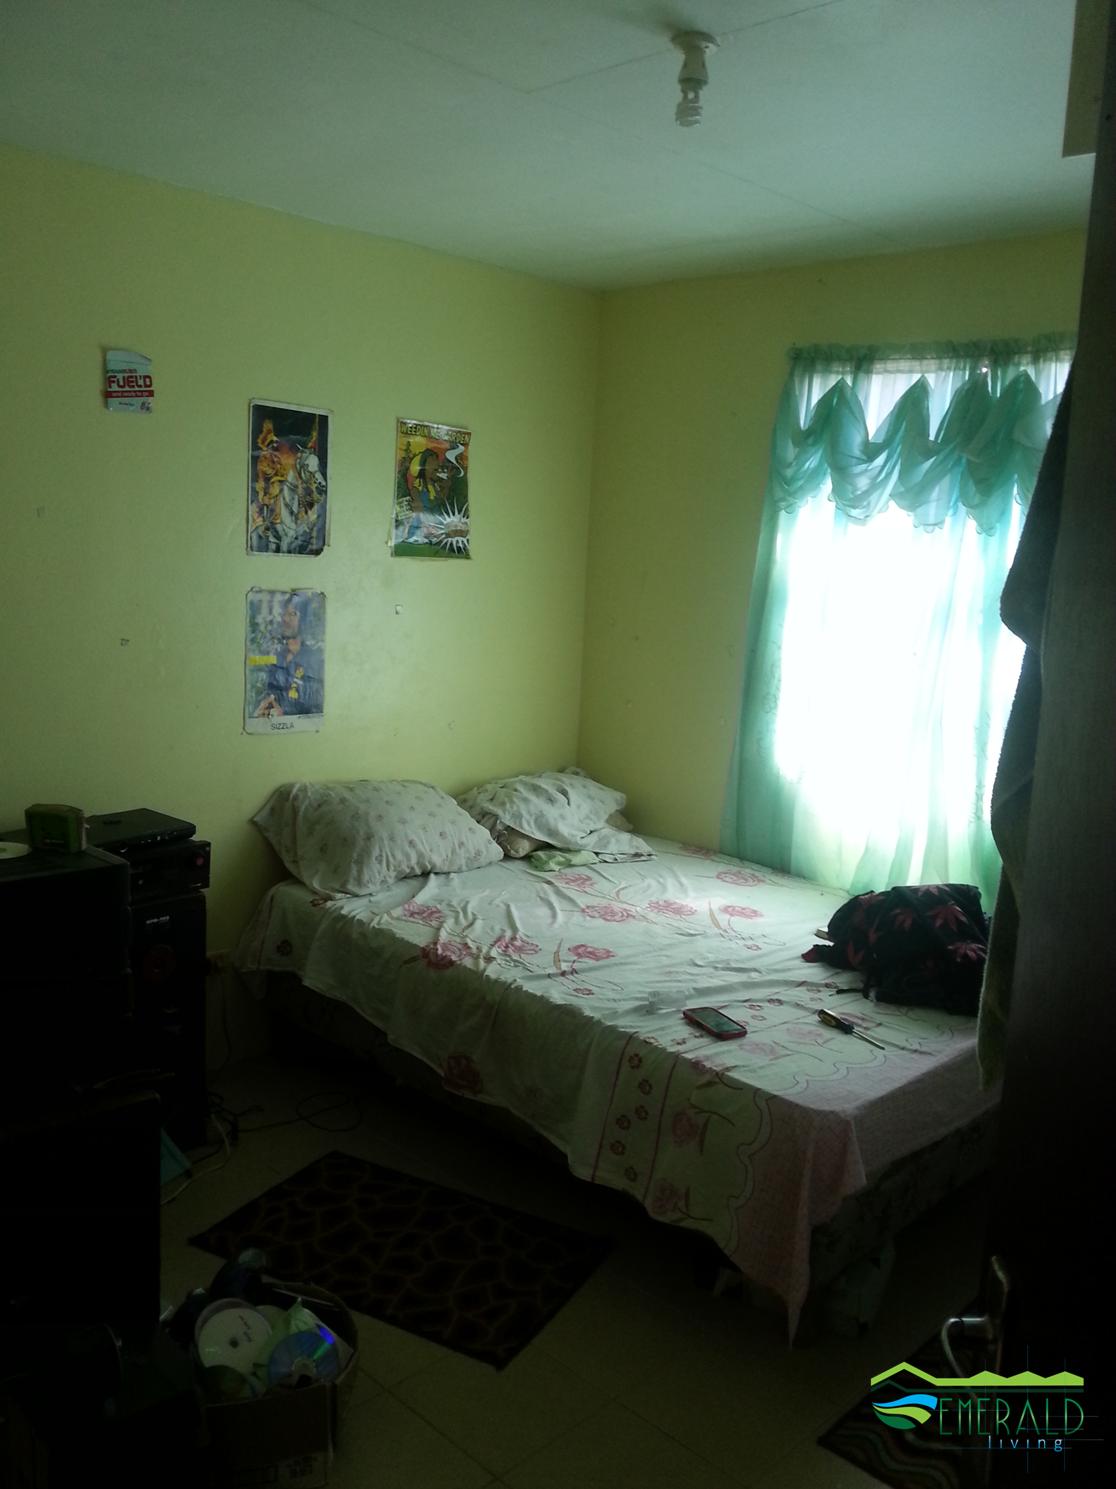 EMERALD LIVING | Bedroom 2